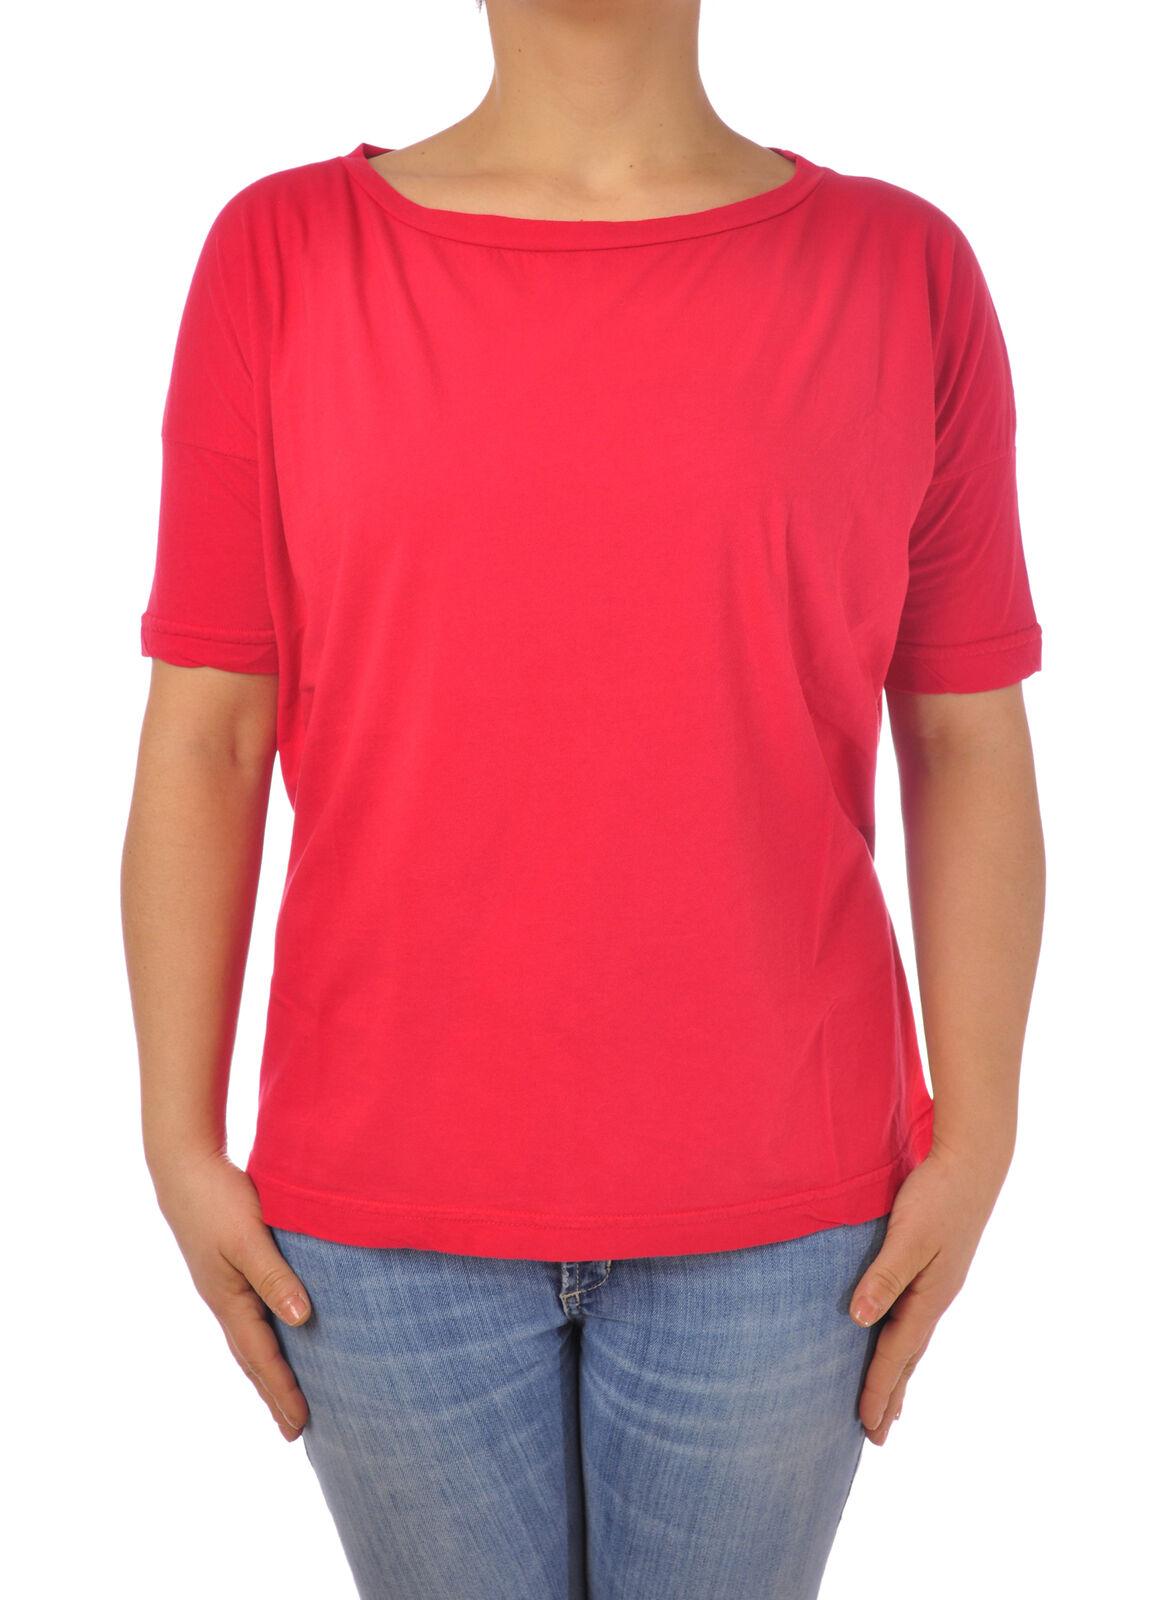 CROSSLEY - Topwear-T-shirts - Frau - Rosa - 5077225E181024